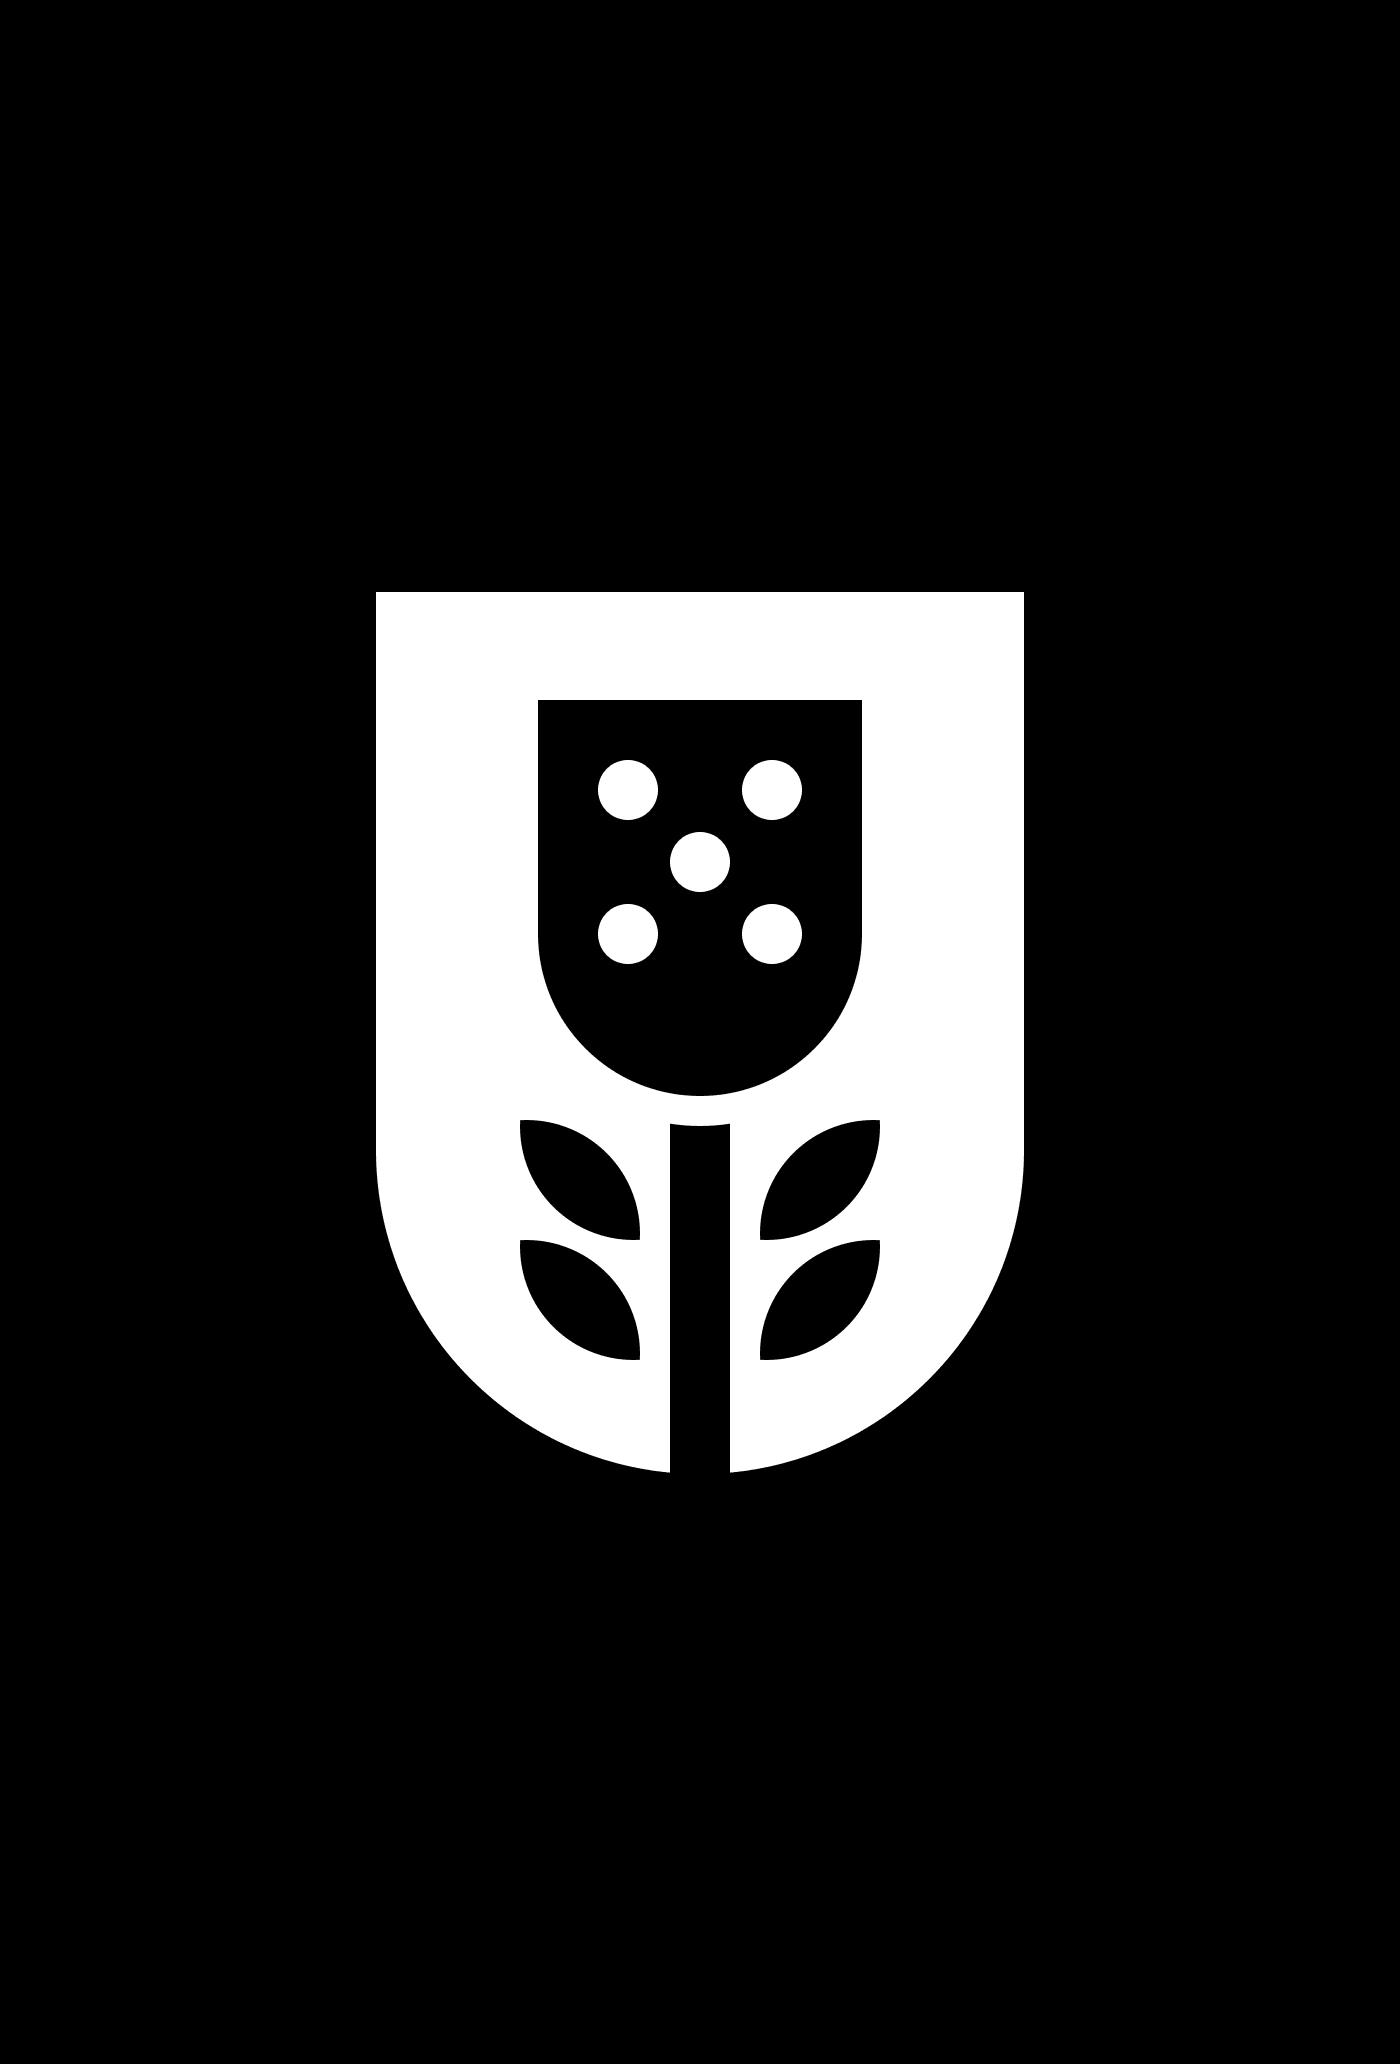 BrunoSilva-Logos-001